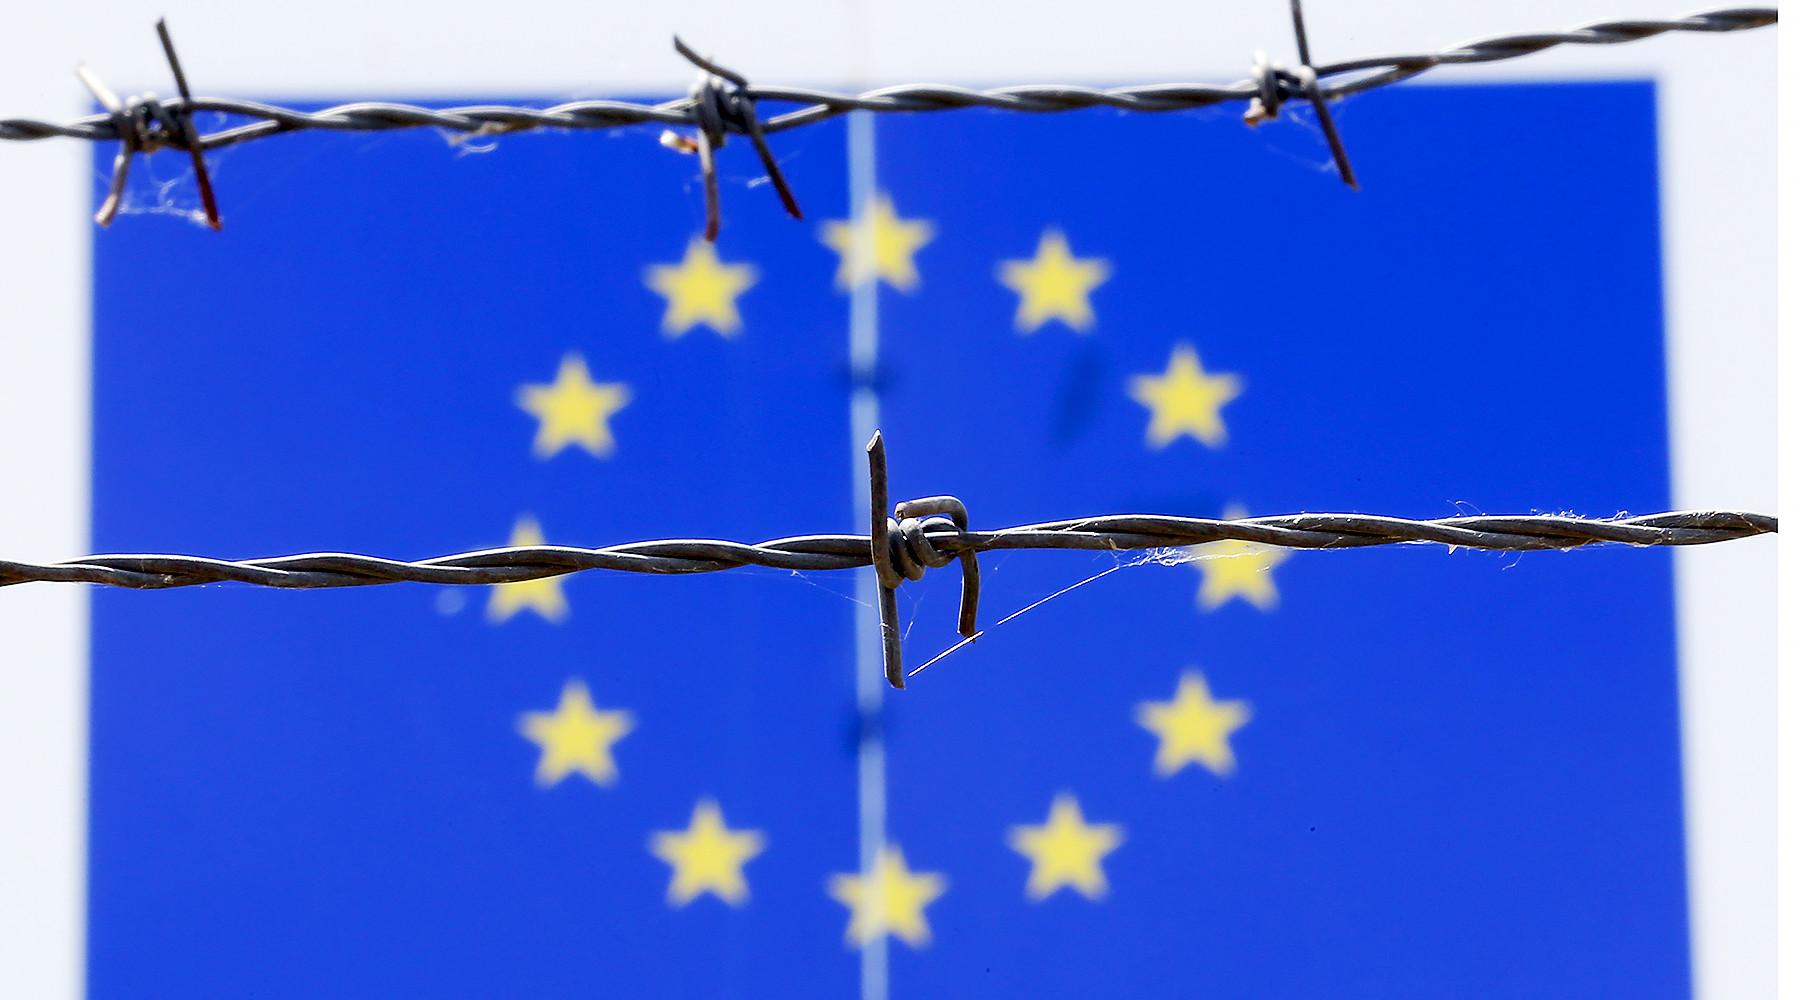 В Европарламенте заявили об обратном эффекте от антироссийских санкций и их неэффективности